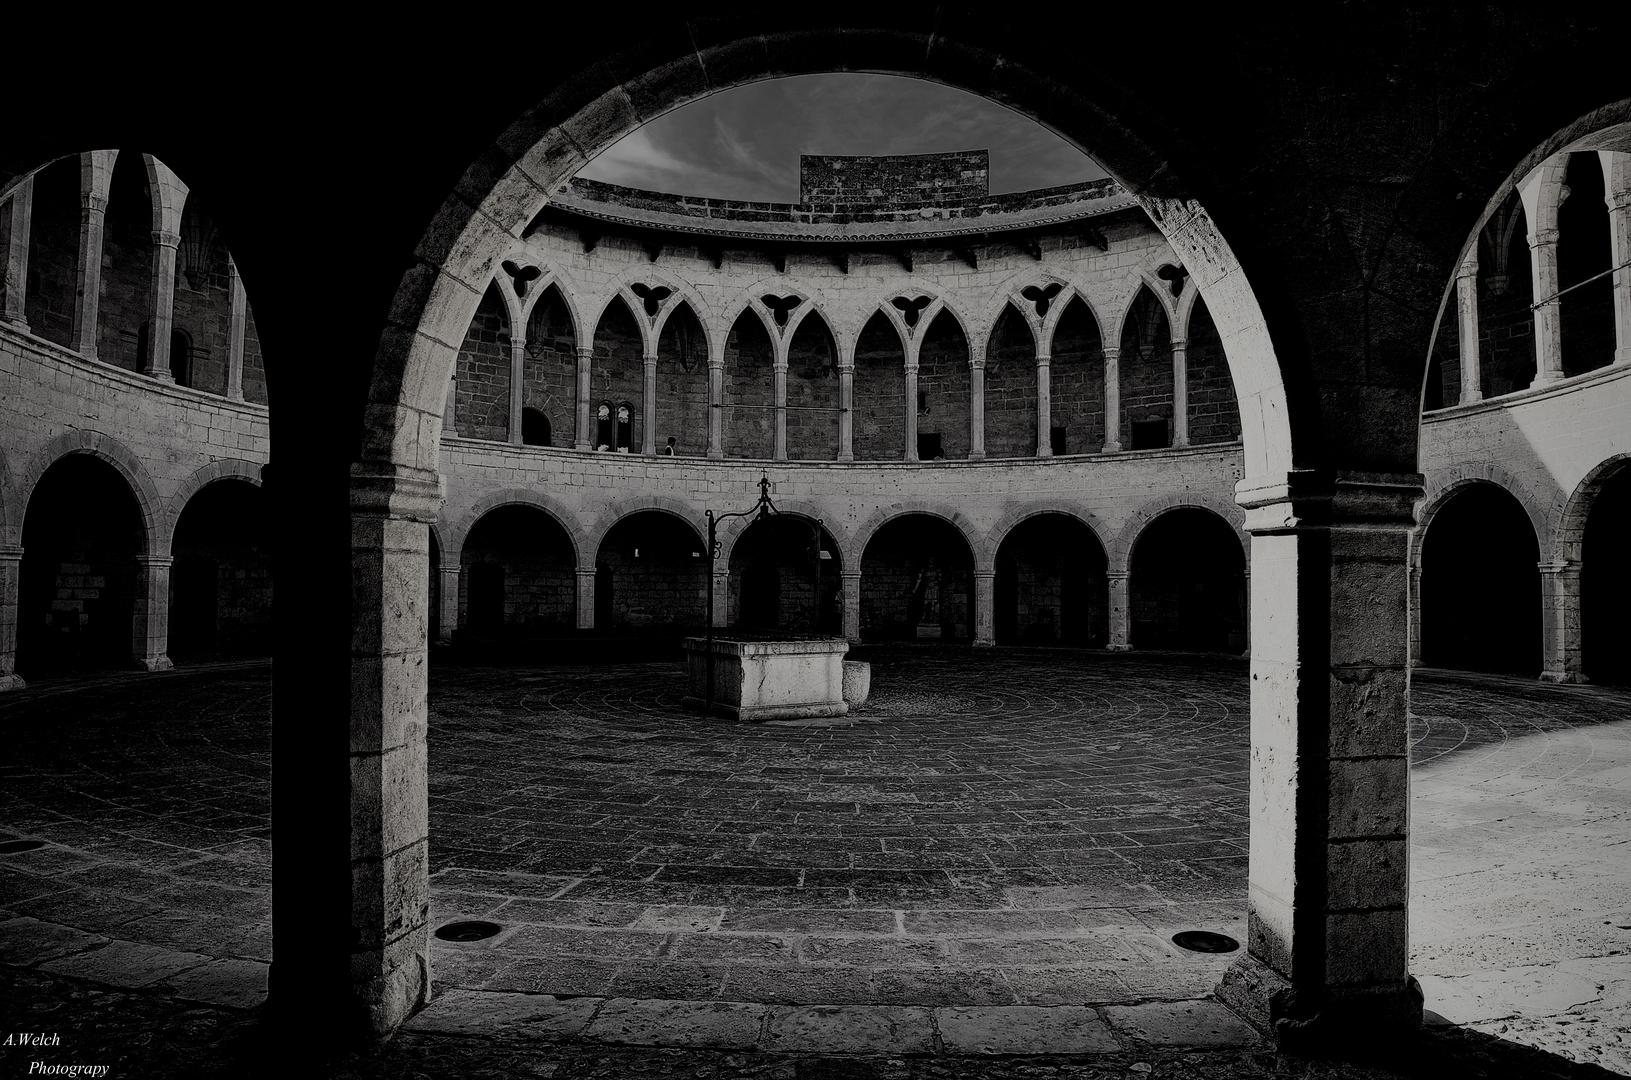 Entre la oscuridad